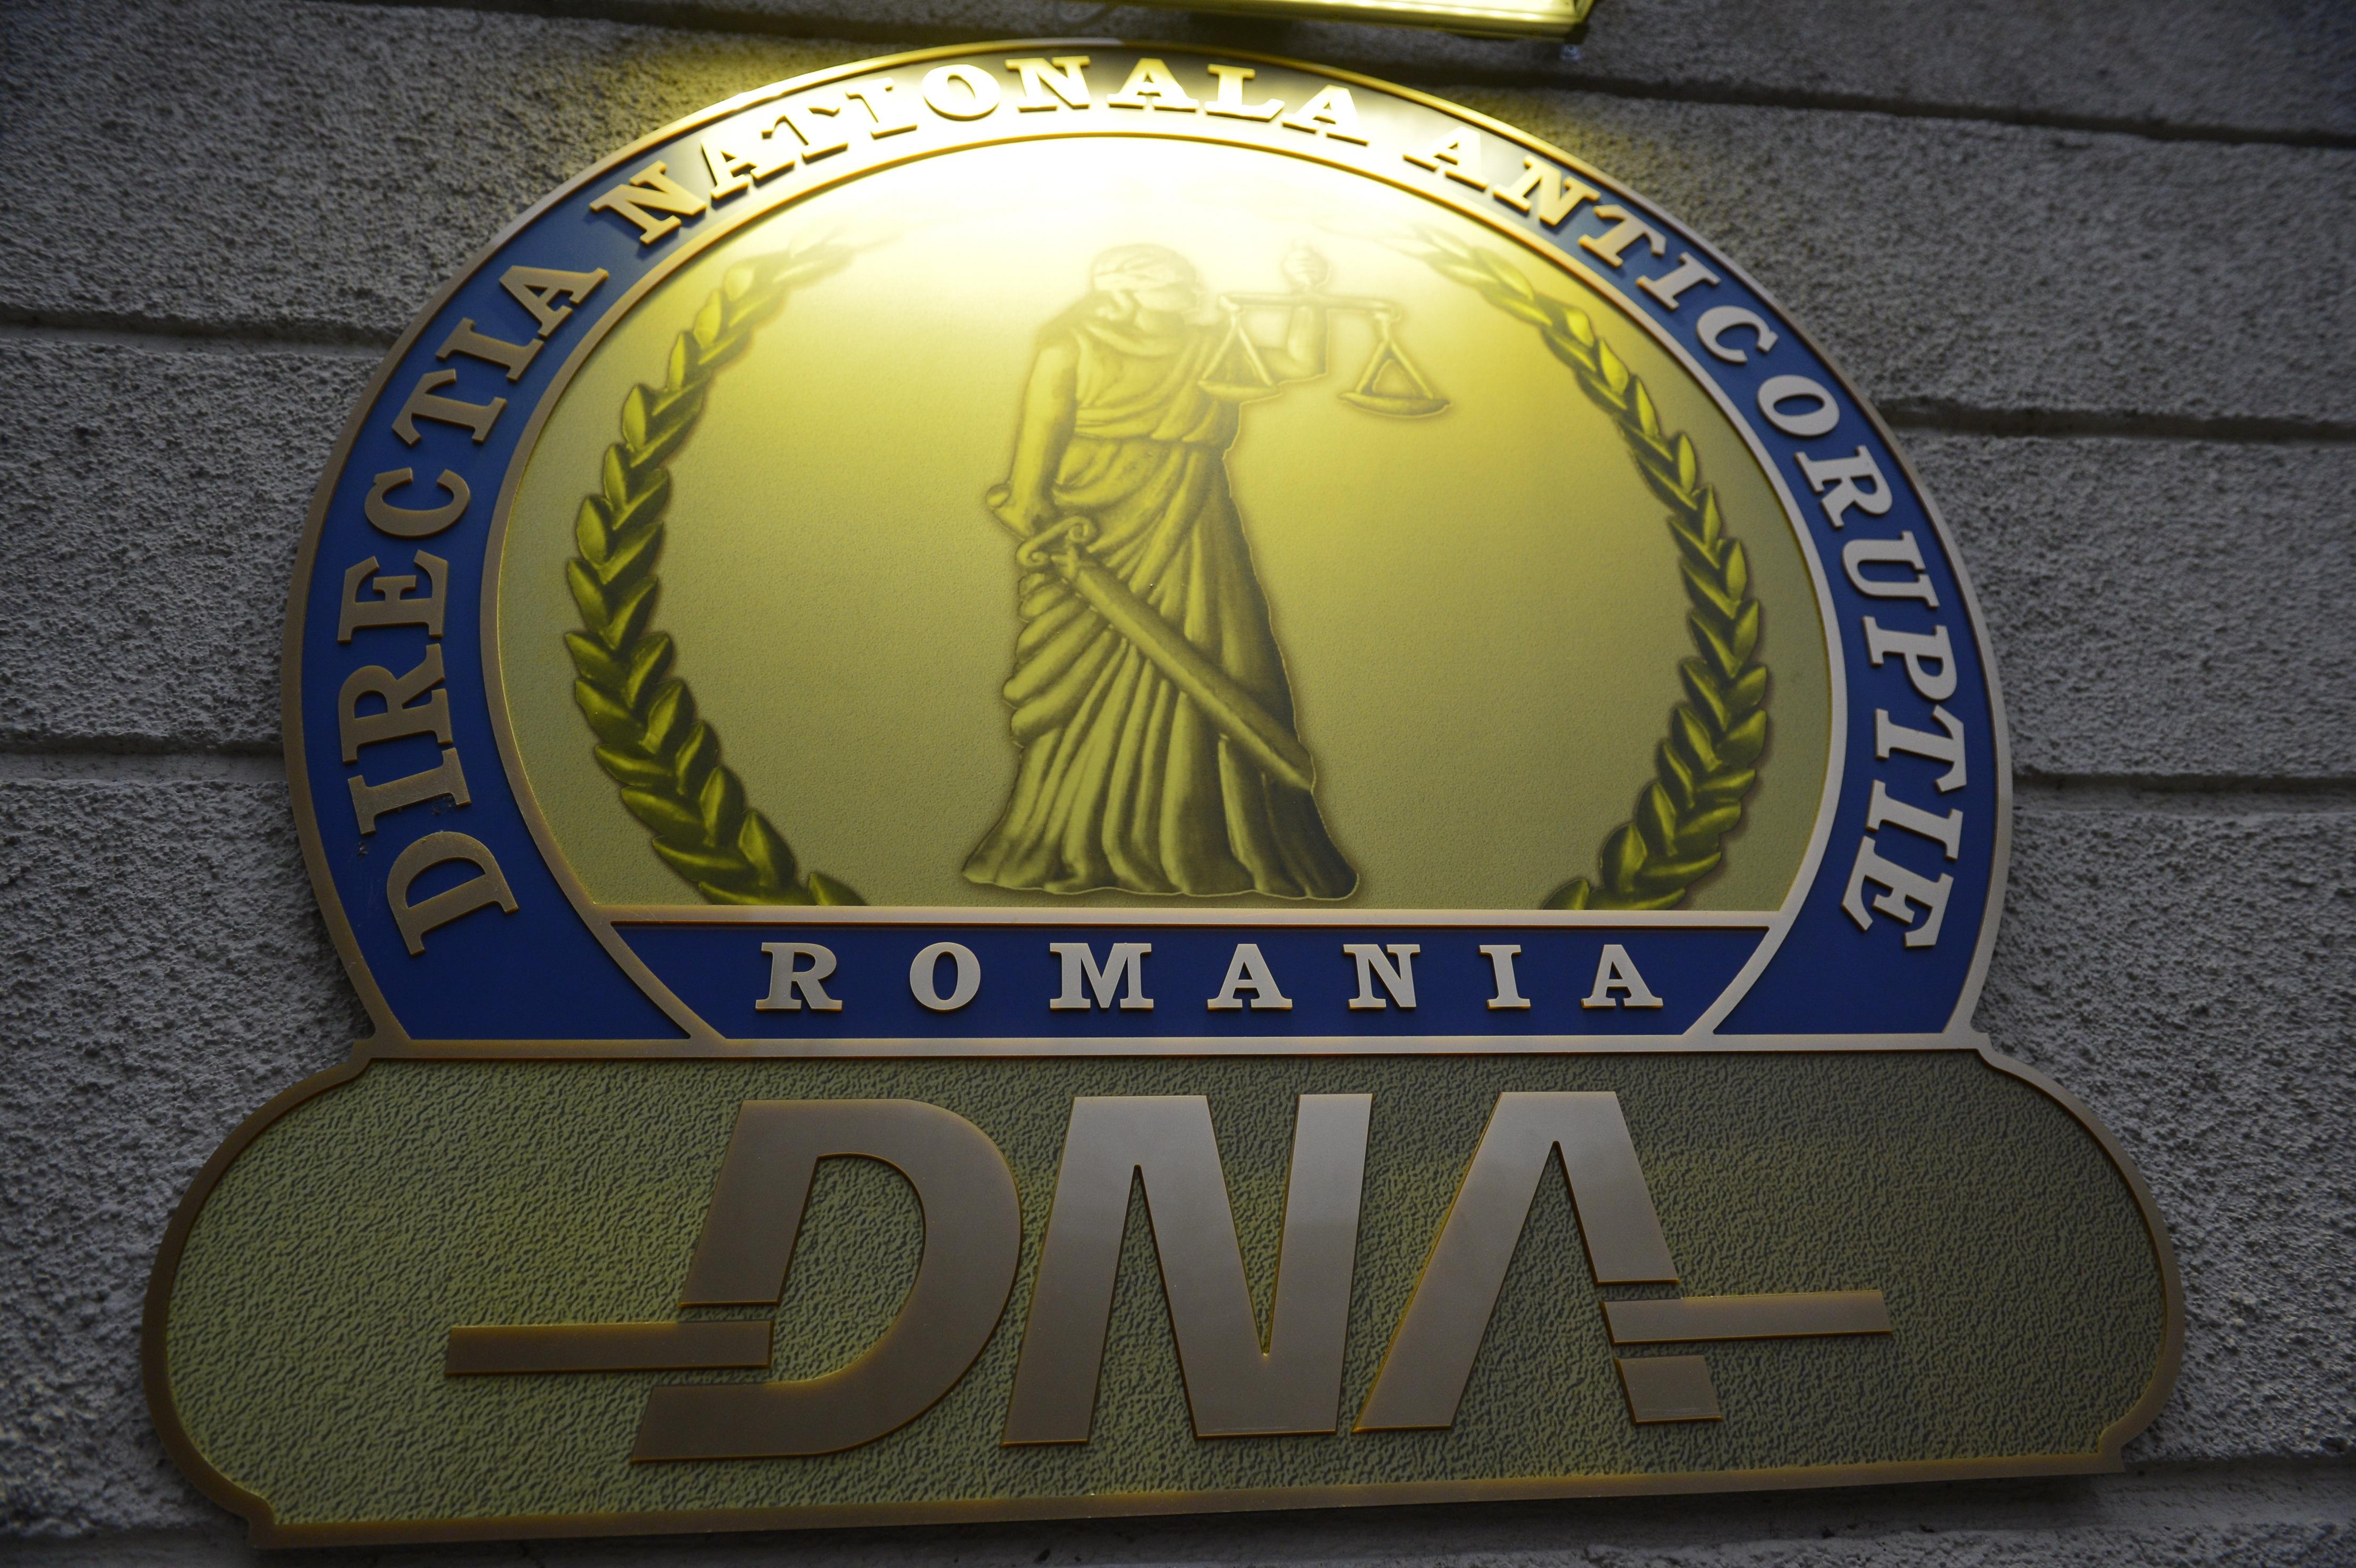 DNA se opune procedurii de dizolvare sau lichidare pentru S.C. Tel Drum S.A: Creează riscul lichidării şi radierii în termen scurt a inculpatei persoană juridică